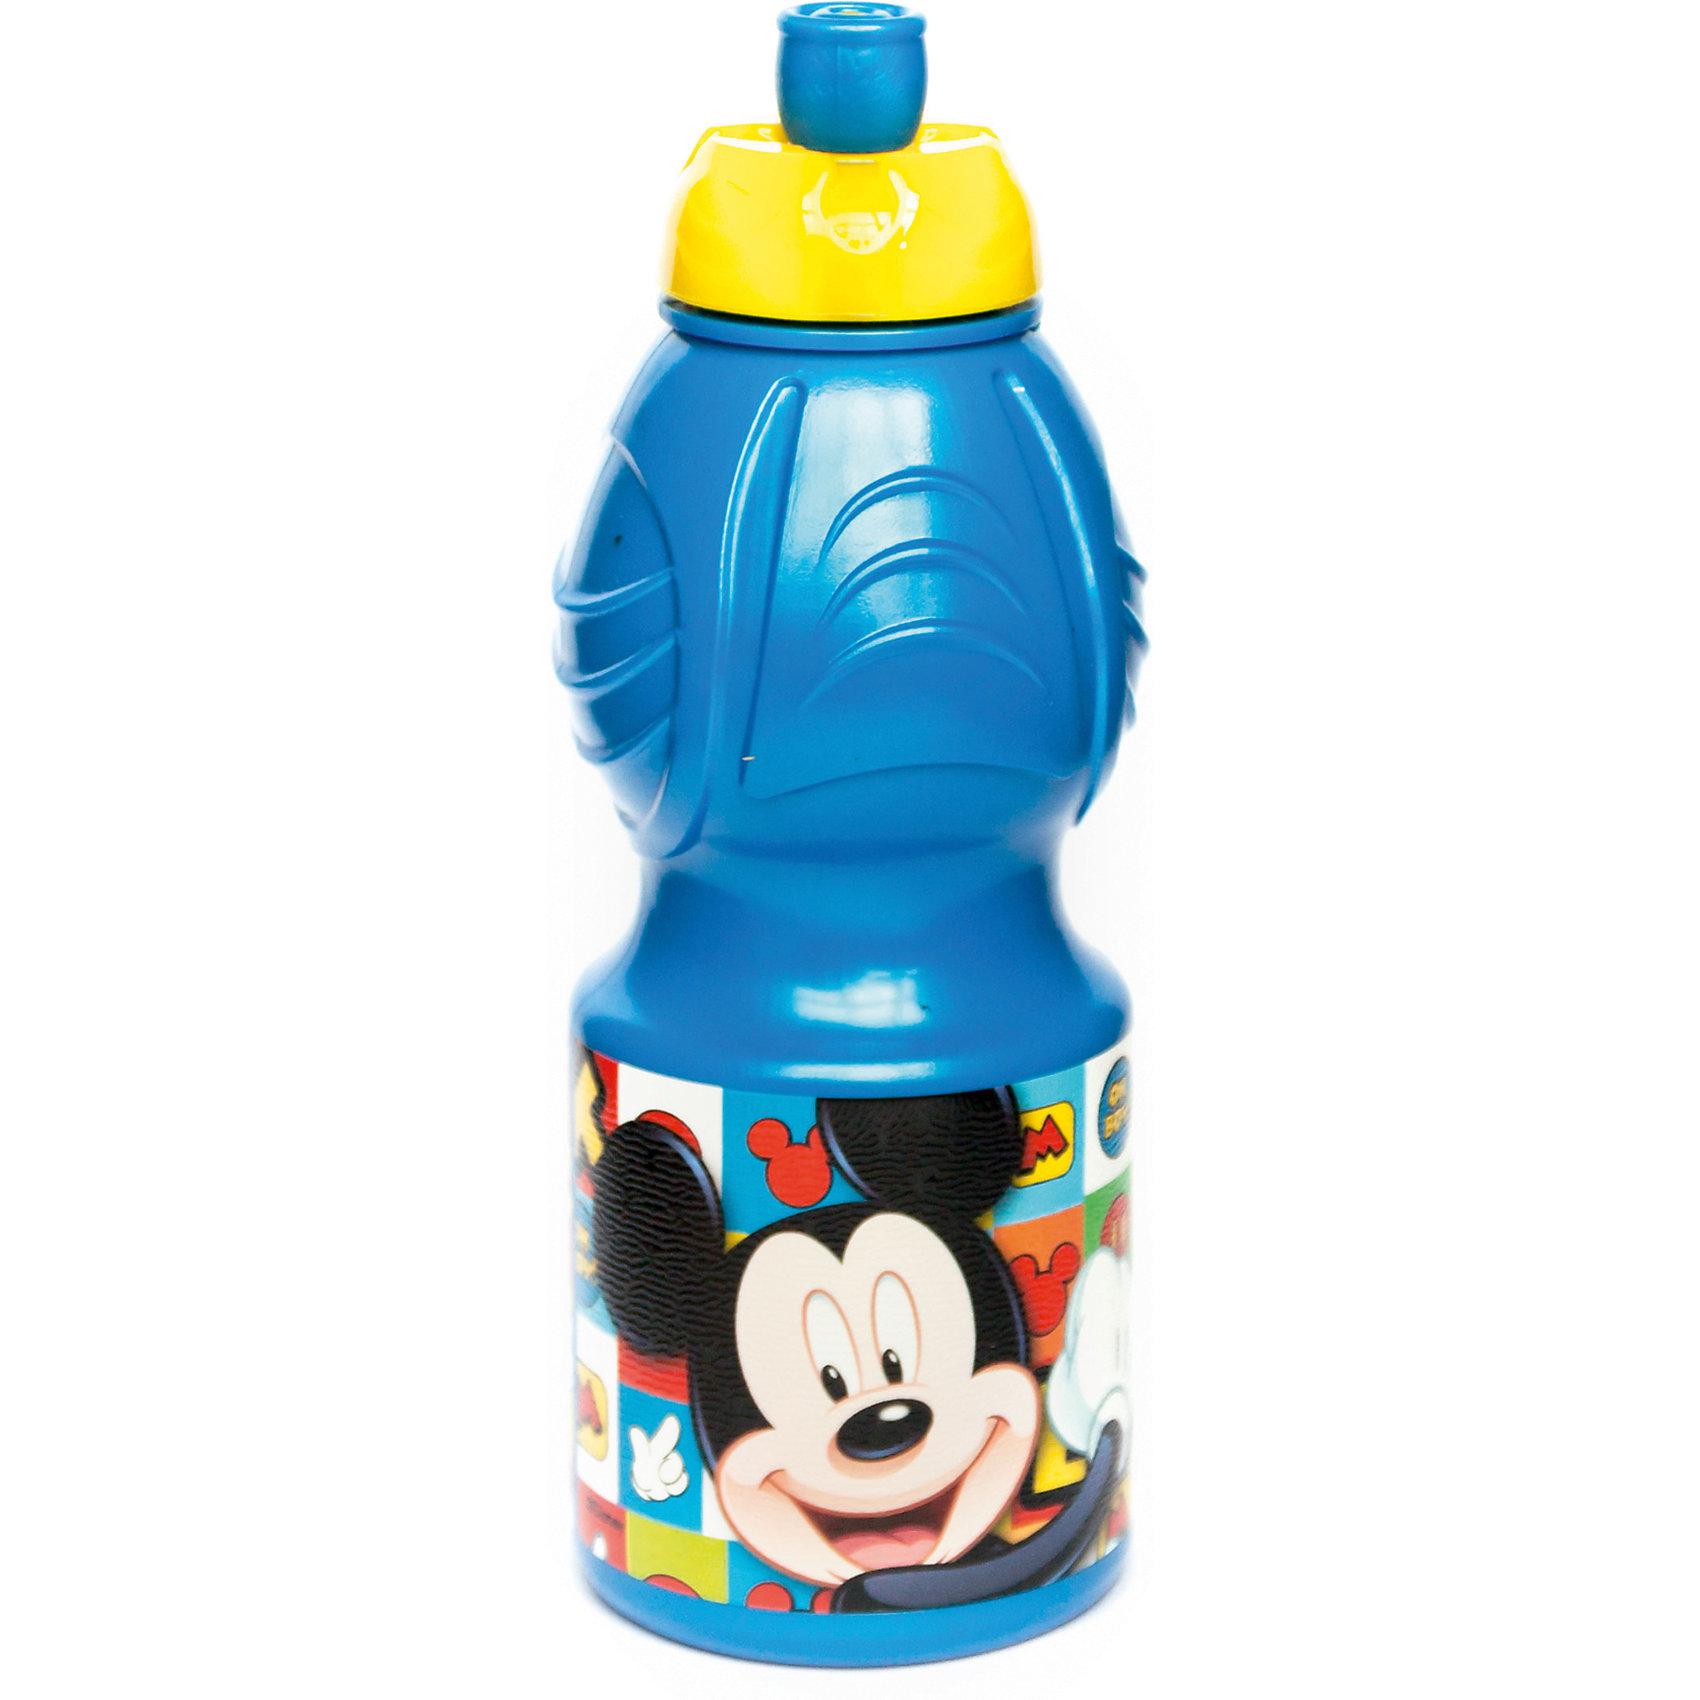 Бутылка пластиковая 400 мл., Микки МаусБутылки для воды и бутербродницы<br>Характеристики:<br><br>• возраст: от 3 лет;<br>• цвет: разноцветная, с иллюстрацией;<br>• объем: 400 мл.;<br>• дополнительные опции: с поильником;<br>• материал: пищевой пластик;<br>• высота бутылки: 18 см; <br>• ширина бутылки: 6,5 см;<br>• вес: 50 г.<br>   <br>Красочная спортивная бутылочка для детей изготовлена из пищевого пластика. Горлышко снабжено специальным выдвижным поильником. Бутылка имеет суженую к середине форму, удобную для детской руки.<br><br>Бутылка легко помещается в спортивную сумку, рюкзак или велосипедный держатель. Можно использовать с любыми видами пищевых жидкостей.<br>На бутылочке изображены любимые детские персонажи. <br><br>Бутылку пластиковую 400 мл., Микки Маус, Stor можно приобрести в нашем интернет-магазине.<br><br>Ширина мм: 65<br>Глубина мм: 65<br>Высота мм: 180<br>Вес г: 52<br>Возраст от месяцев: 36<br>Возраст до месяцев: 2147483647<br>Пол: Унисекс<br>Возраст: Детский<br>SKU: 7010318